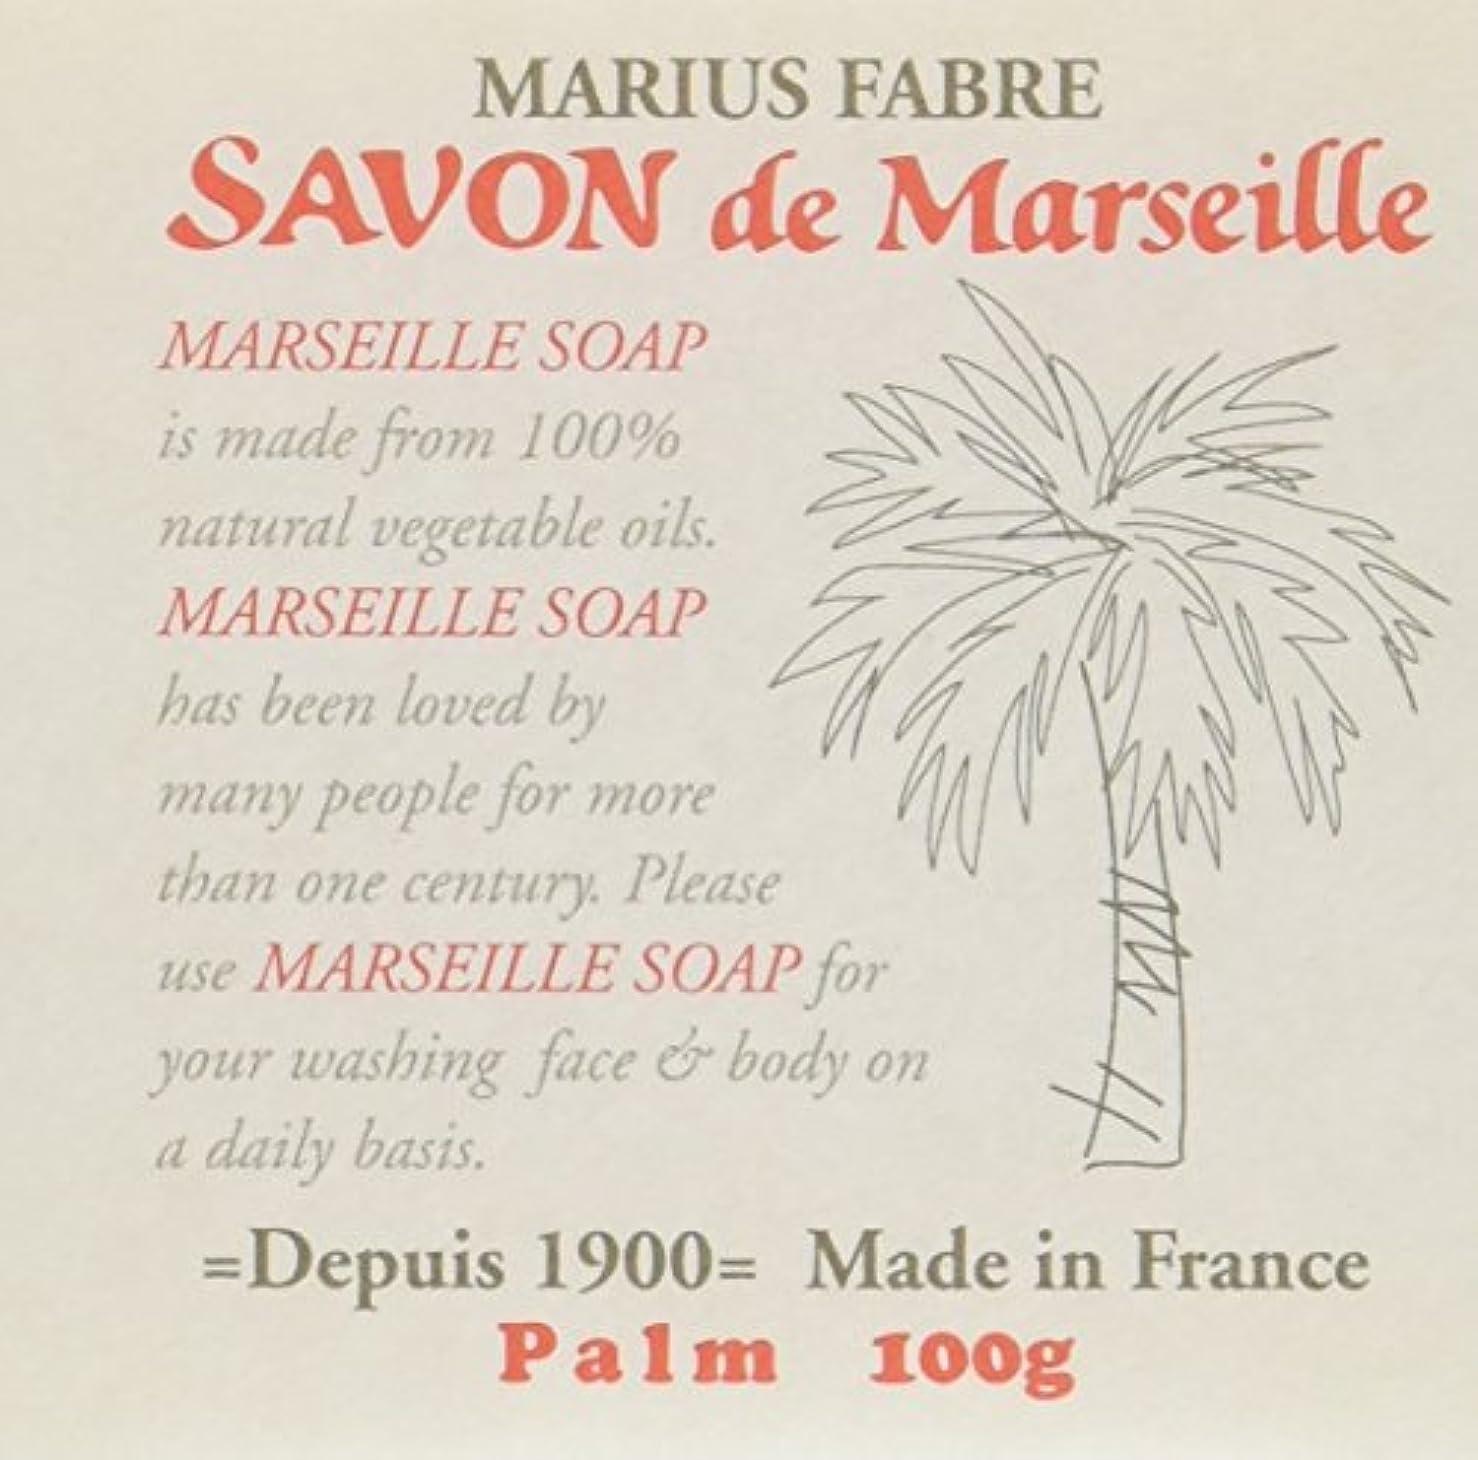 流体高原大声でサボン ド マルセイユ パーム 100g